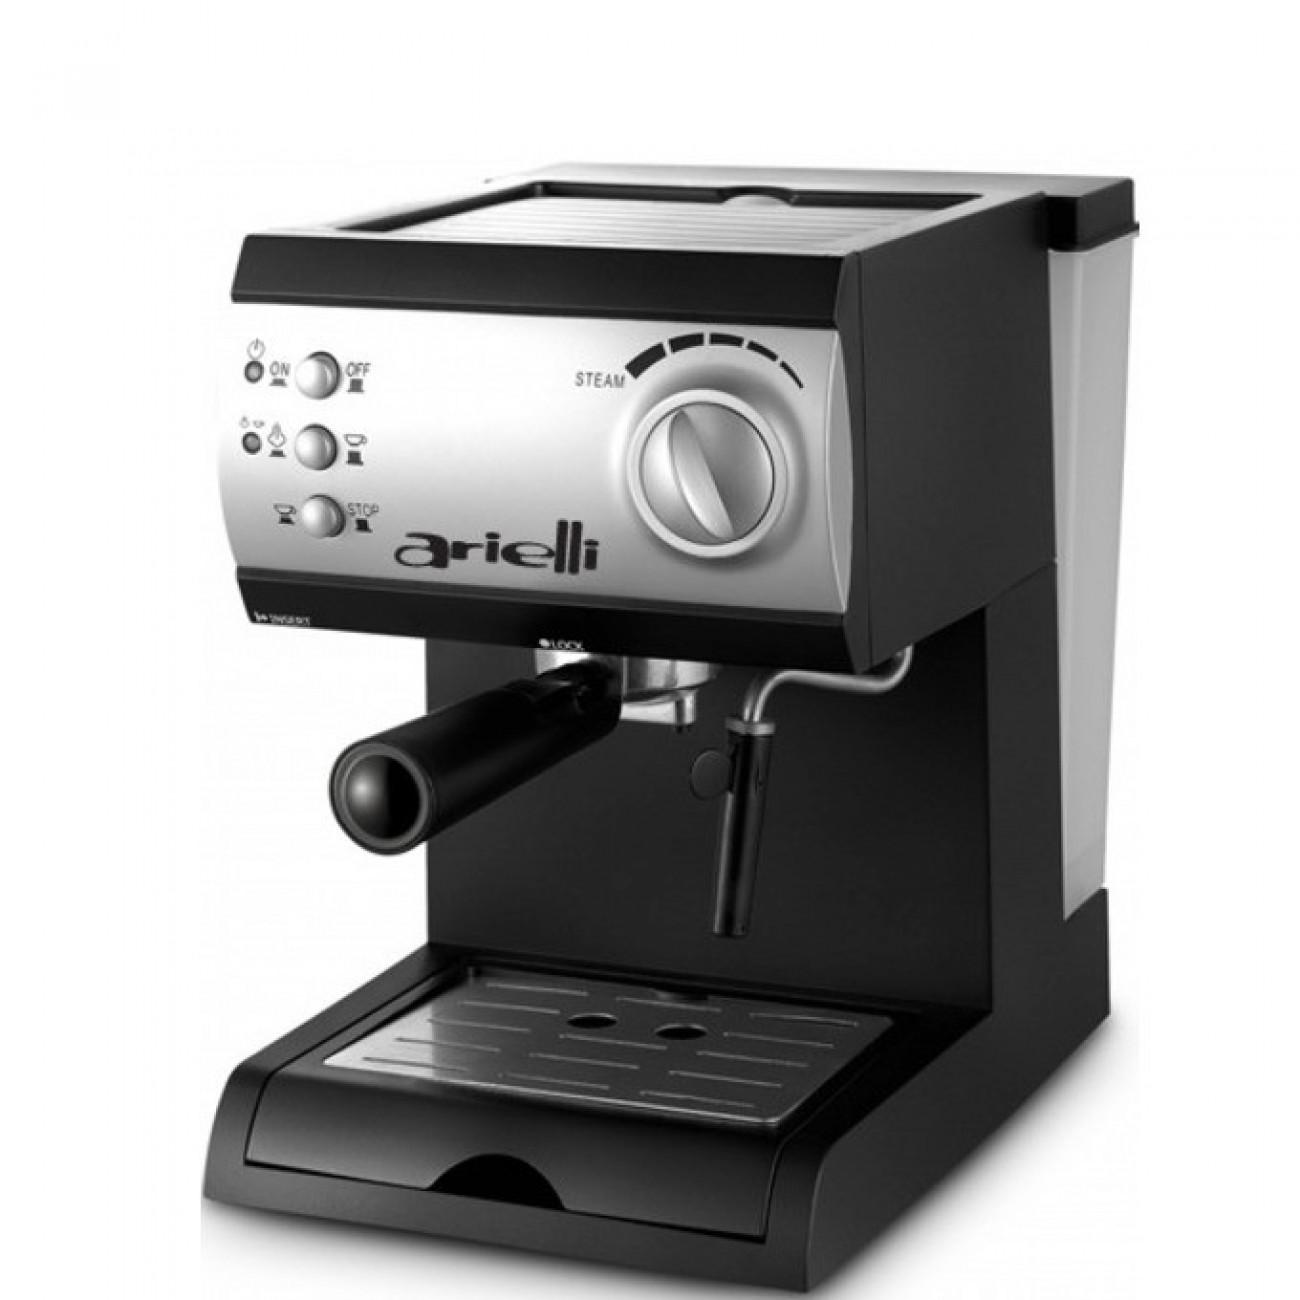 Ръчна еспресо машина Arielli KM-150BS, 1050W, 1.5 л. воден резервоар, 15 бара налягане, черна в Еспресо машини - Arielli | Alleop